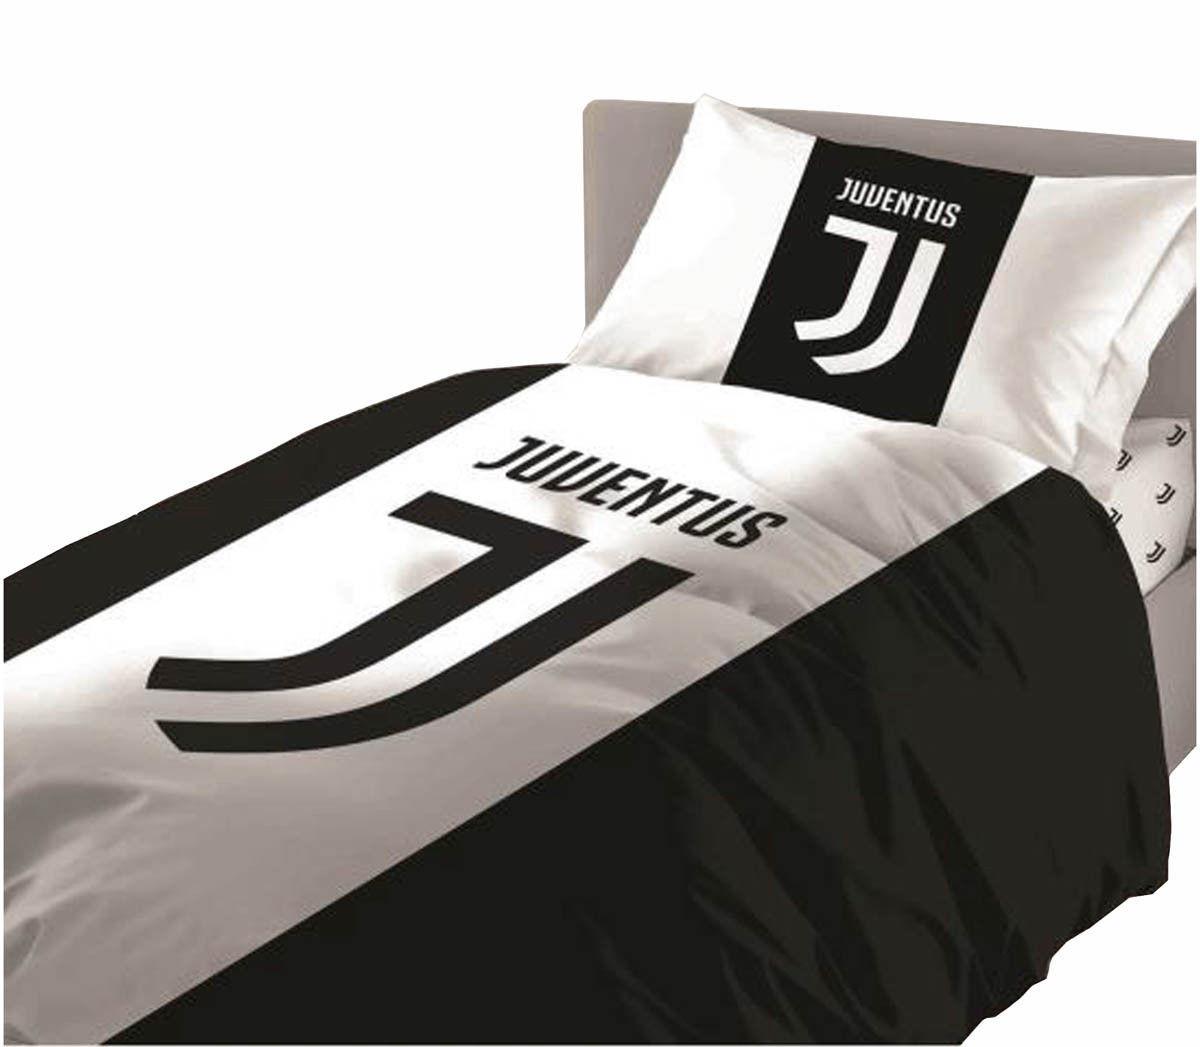 Juventus completo letto singolo 1 piazza federa lenzuola - Misure lenzuola letto singolo ...